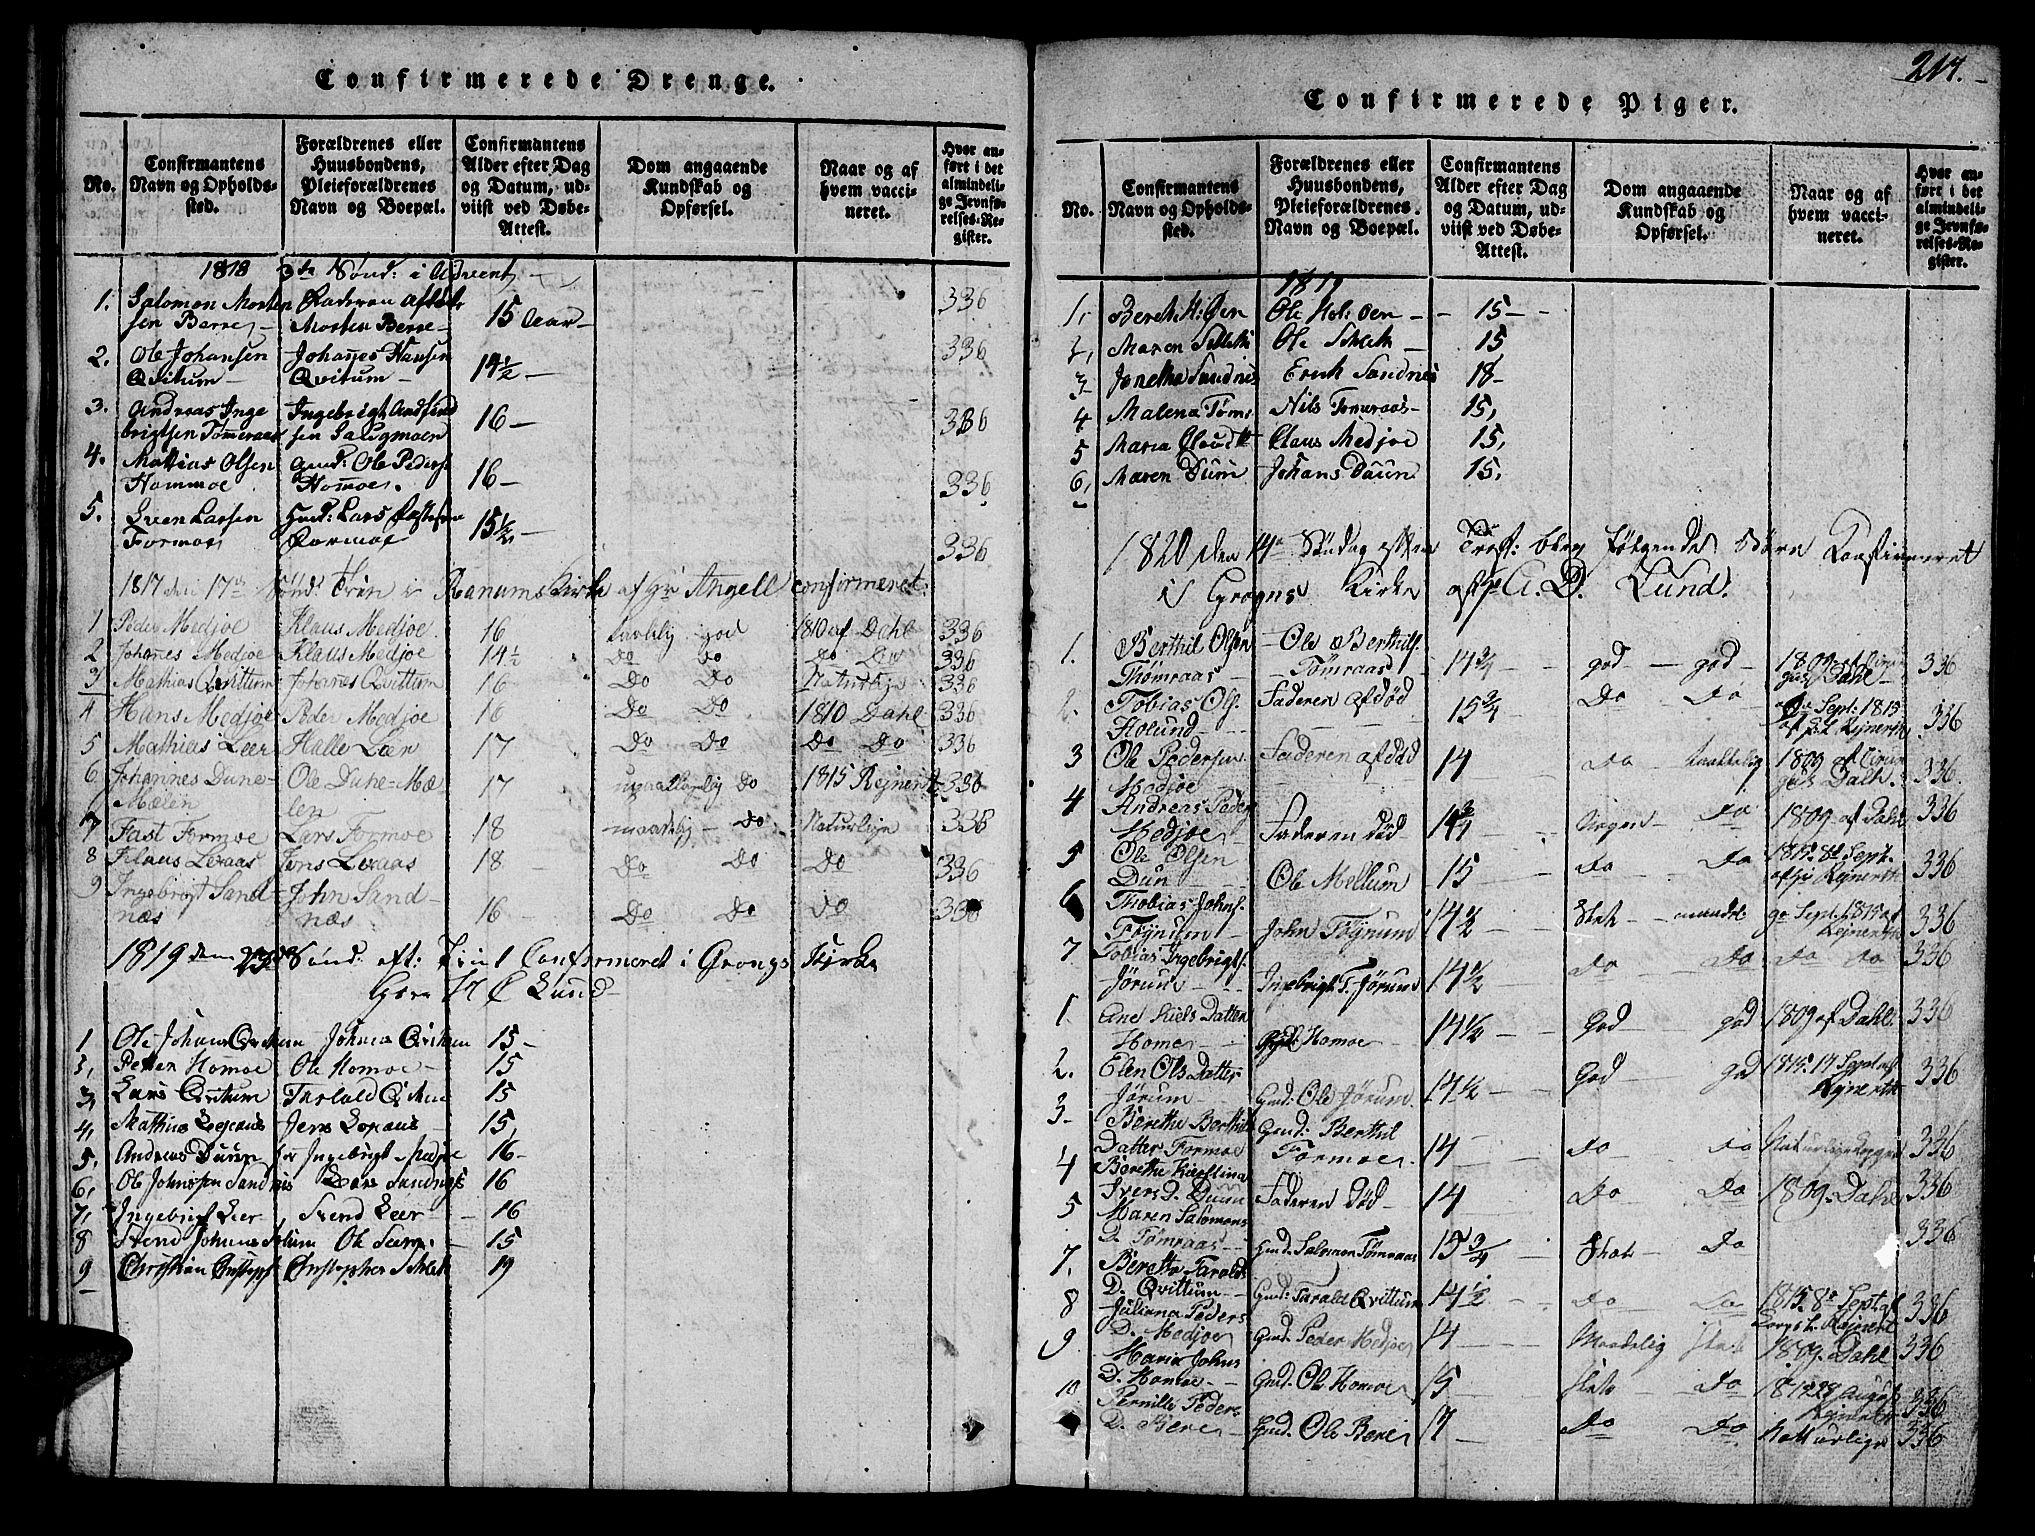 SAT, Ministerialprotokoller, klokkerbøker og fødselsregistre - Nord-Trøndelag, 758/L0521: Klokkerbok nr. 758C01, 1816-1825, s. 217